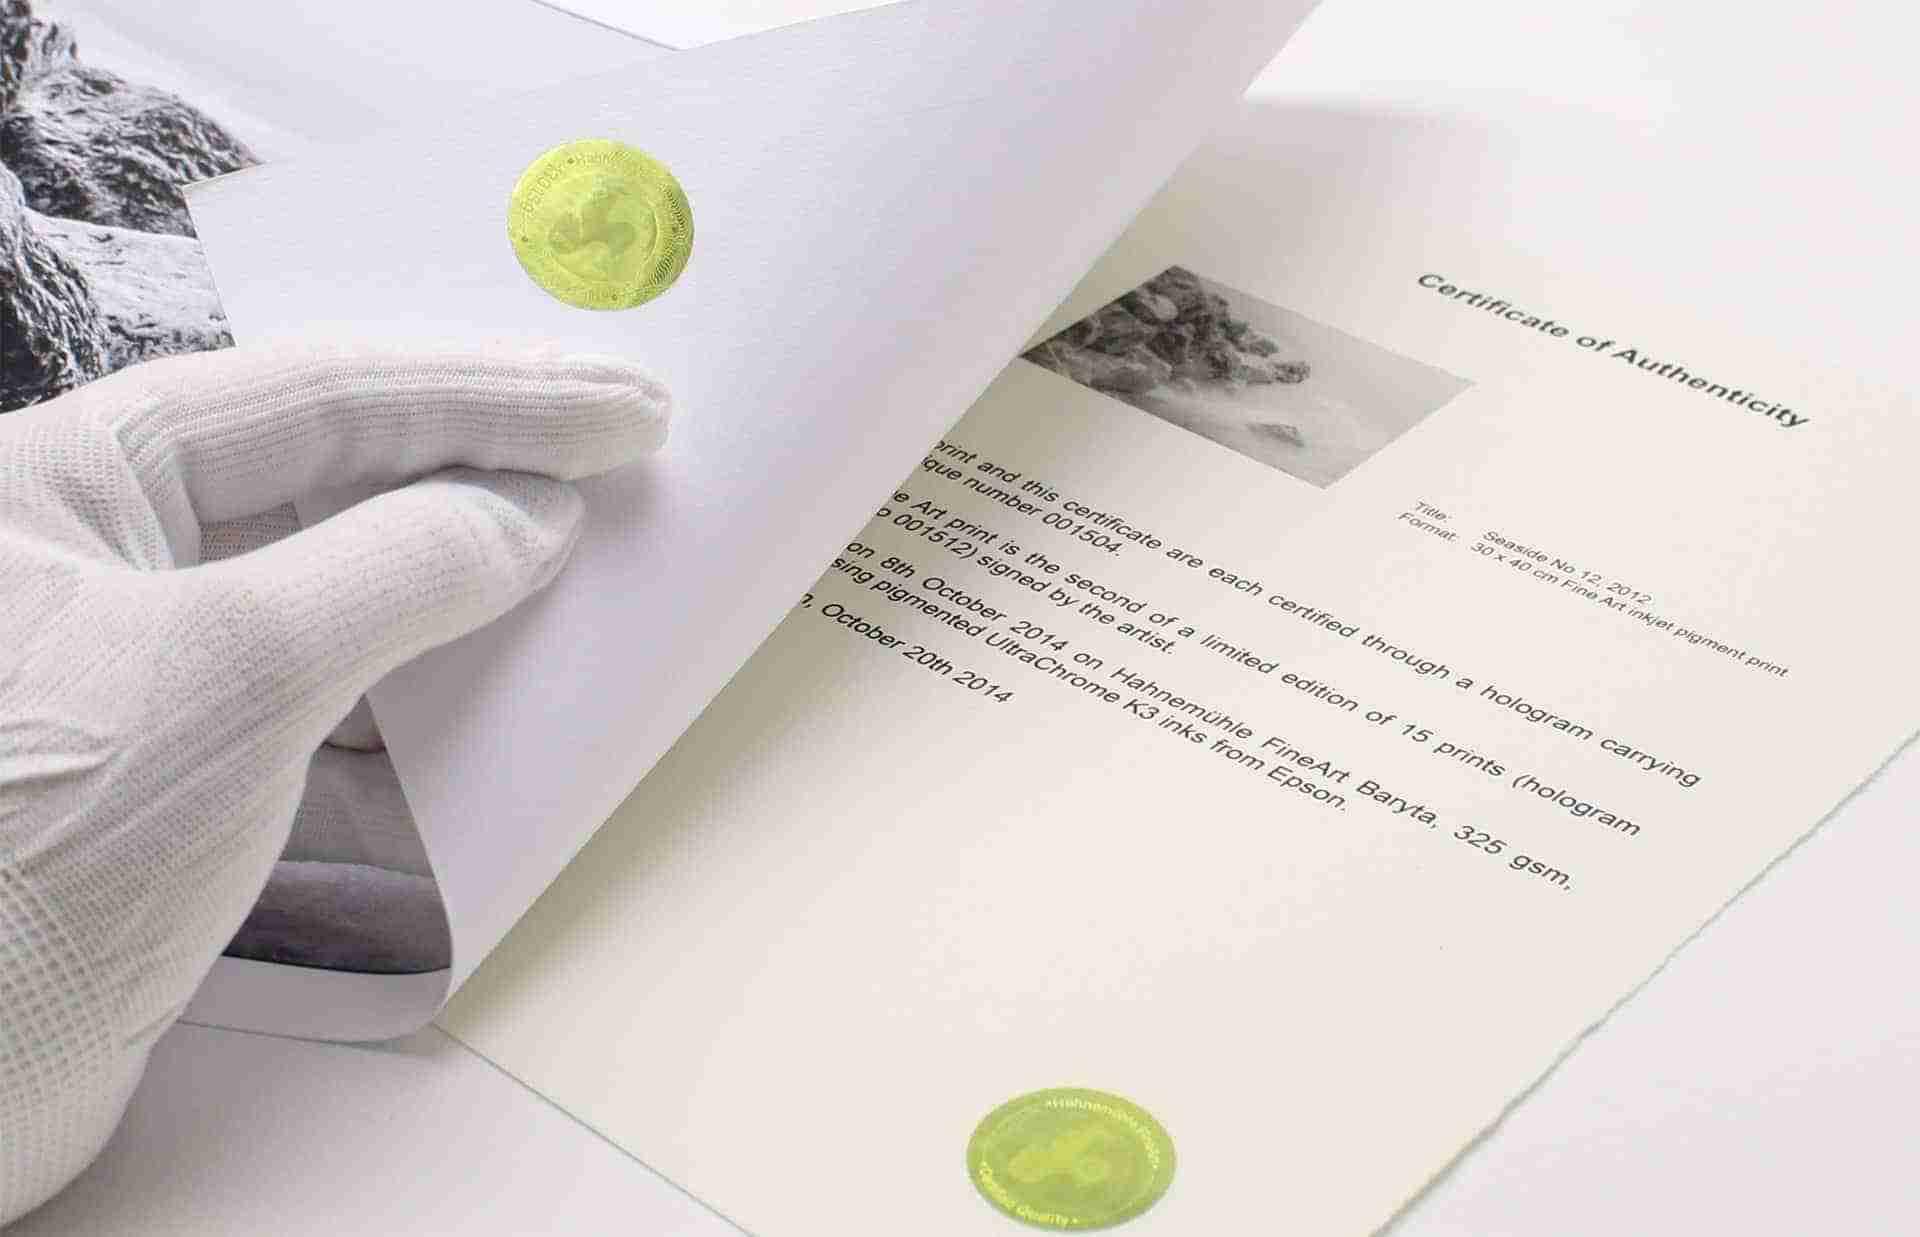 documenti, I documenti da integrare al coltello